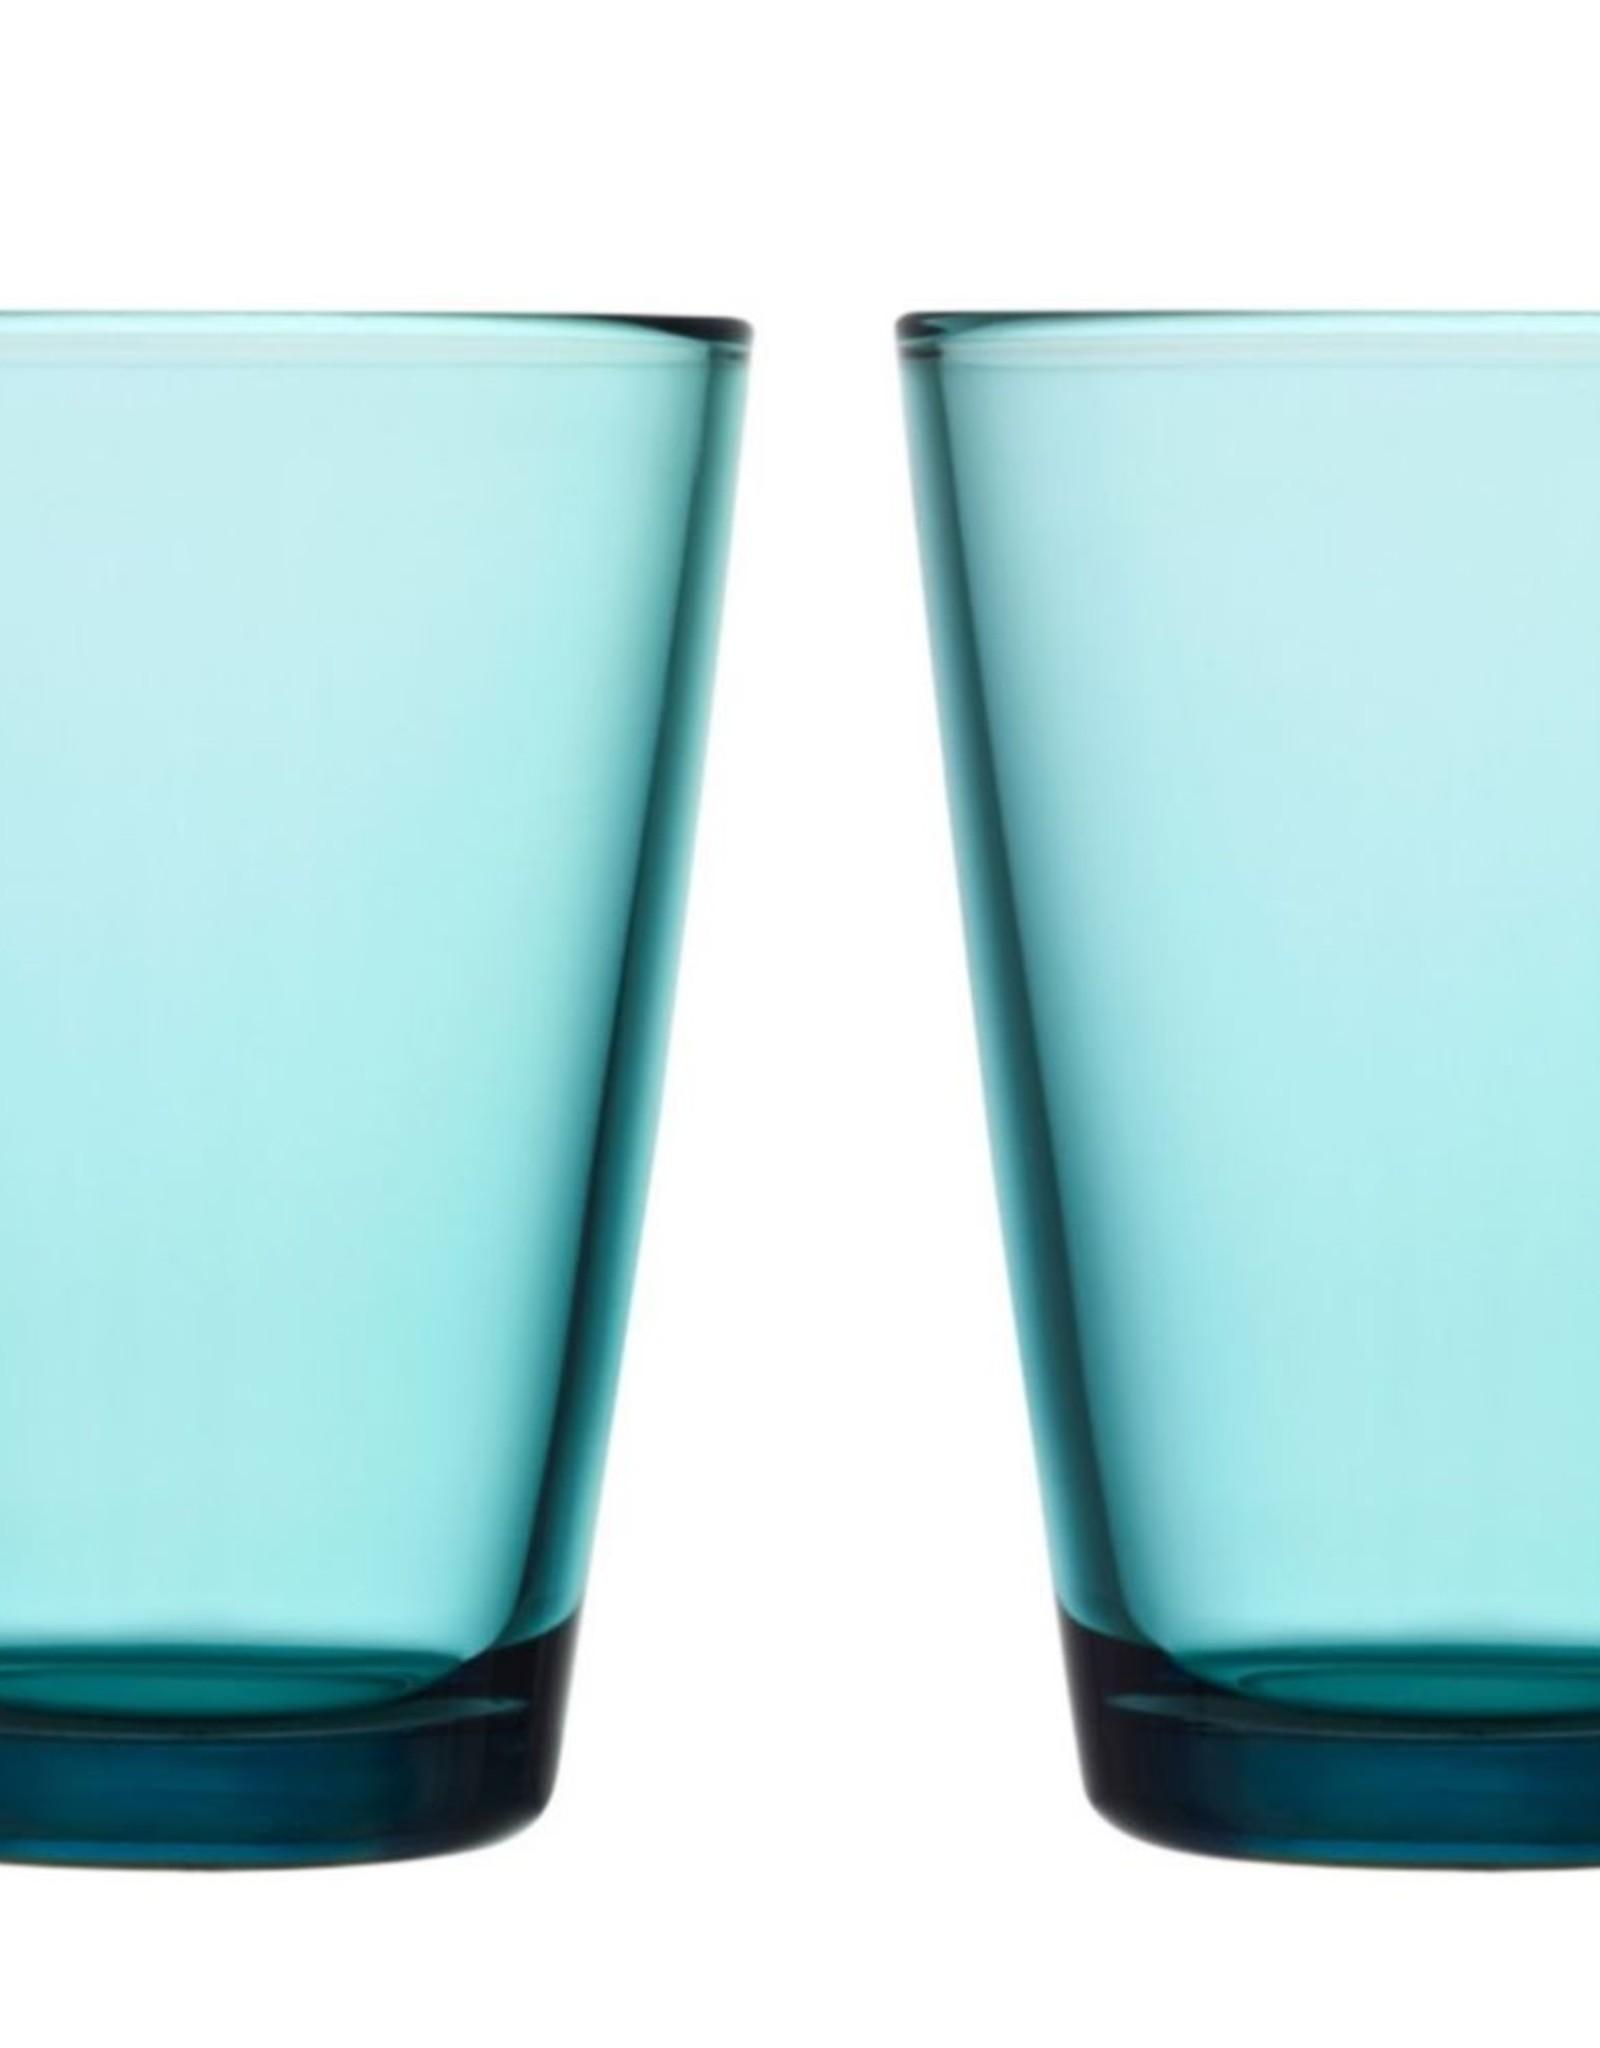 Iittala Iittala Kartio - Glas - 40 cl - Zeeblauw - 2 stuks